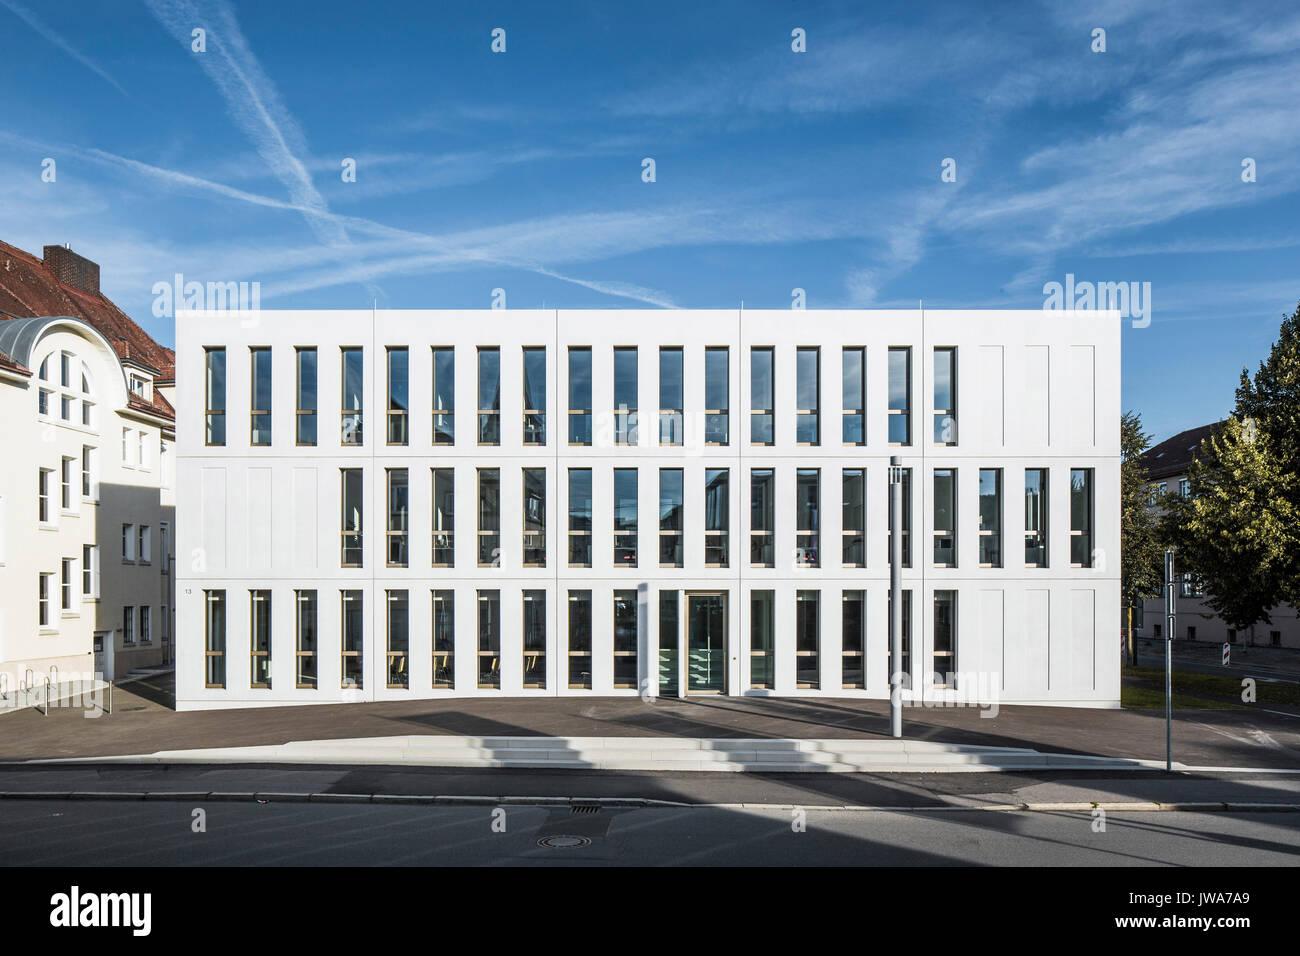 Architekten Biberach frontansicht mit eingang am späten nachmittag finanzamt finanzen